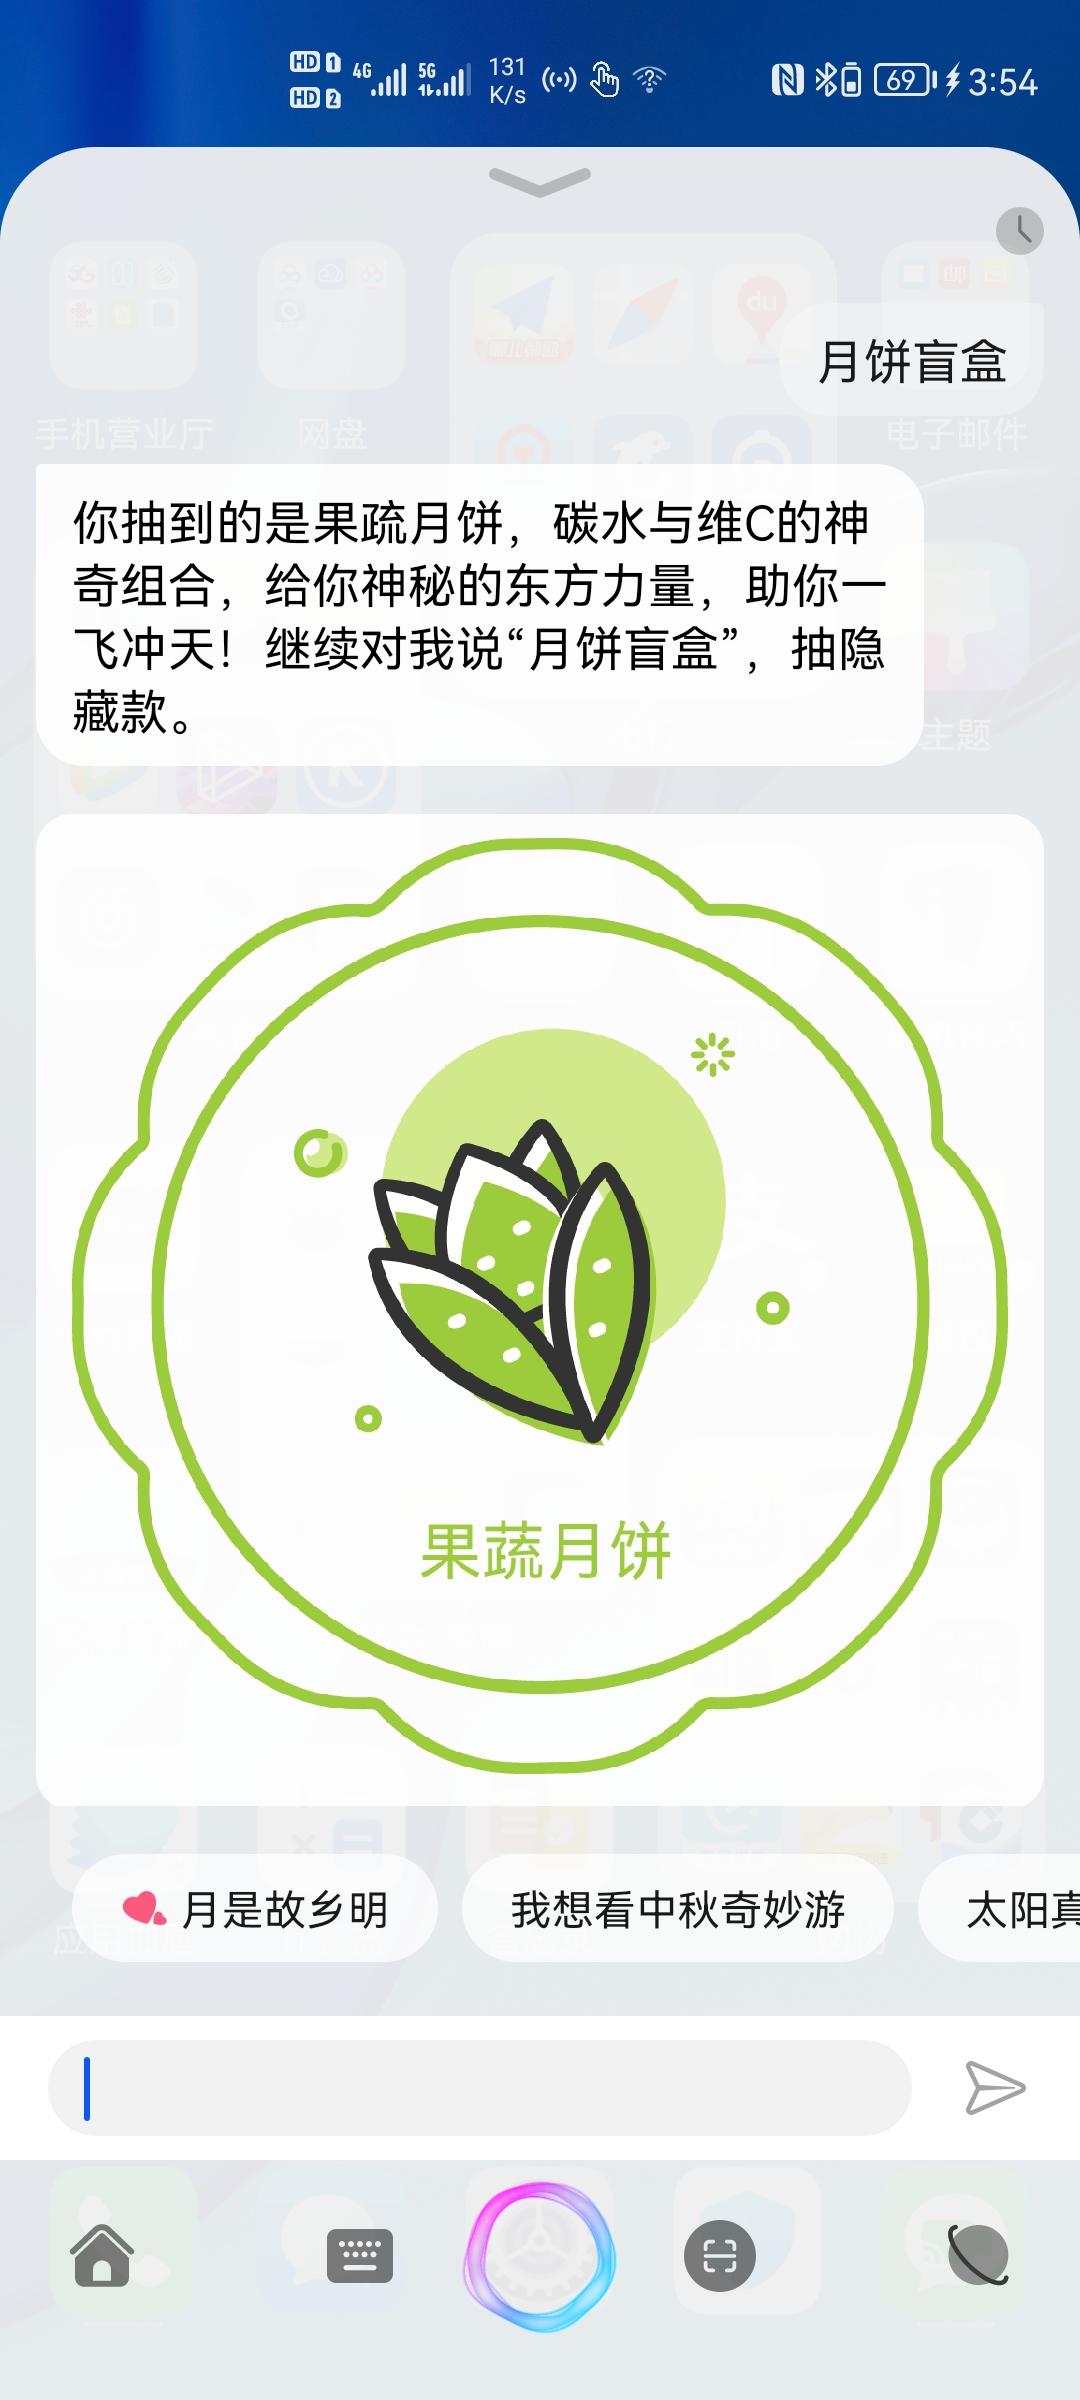 Screenshot_20210921_155449_com.huawei.android.launcher.jpg